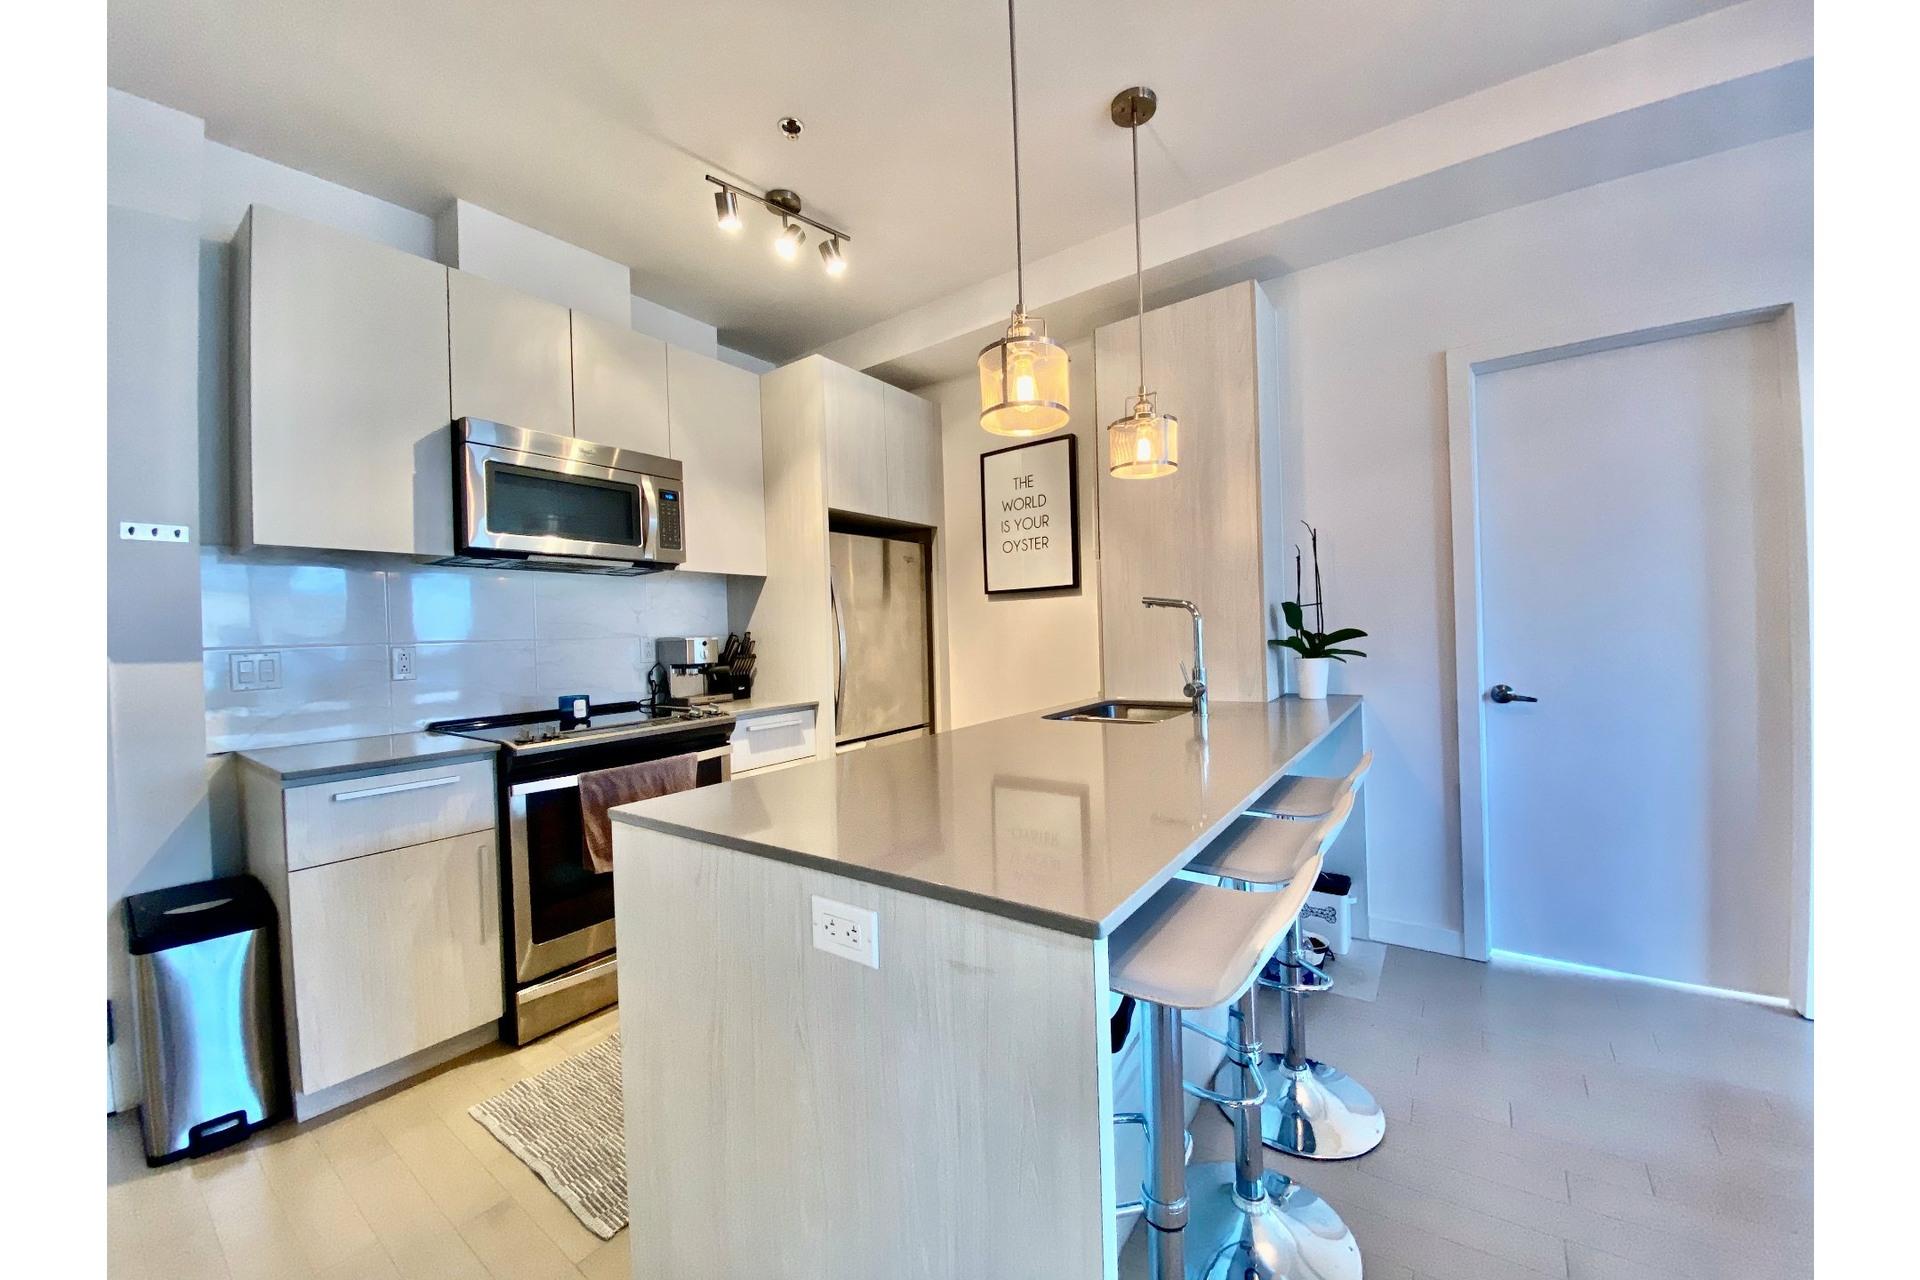 image 1 - Appartement À vendre Lachine Montréal  - 7 pièces